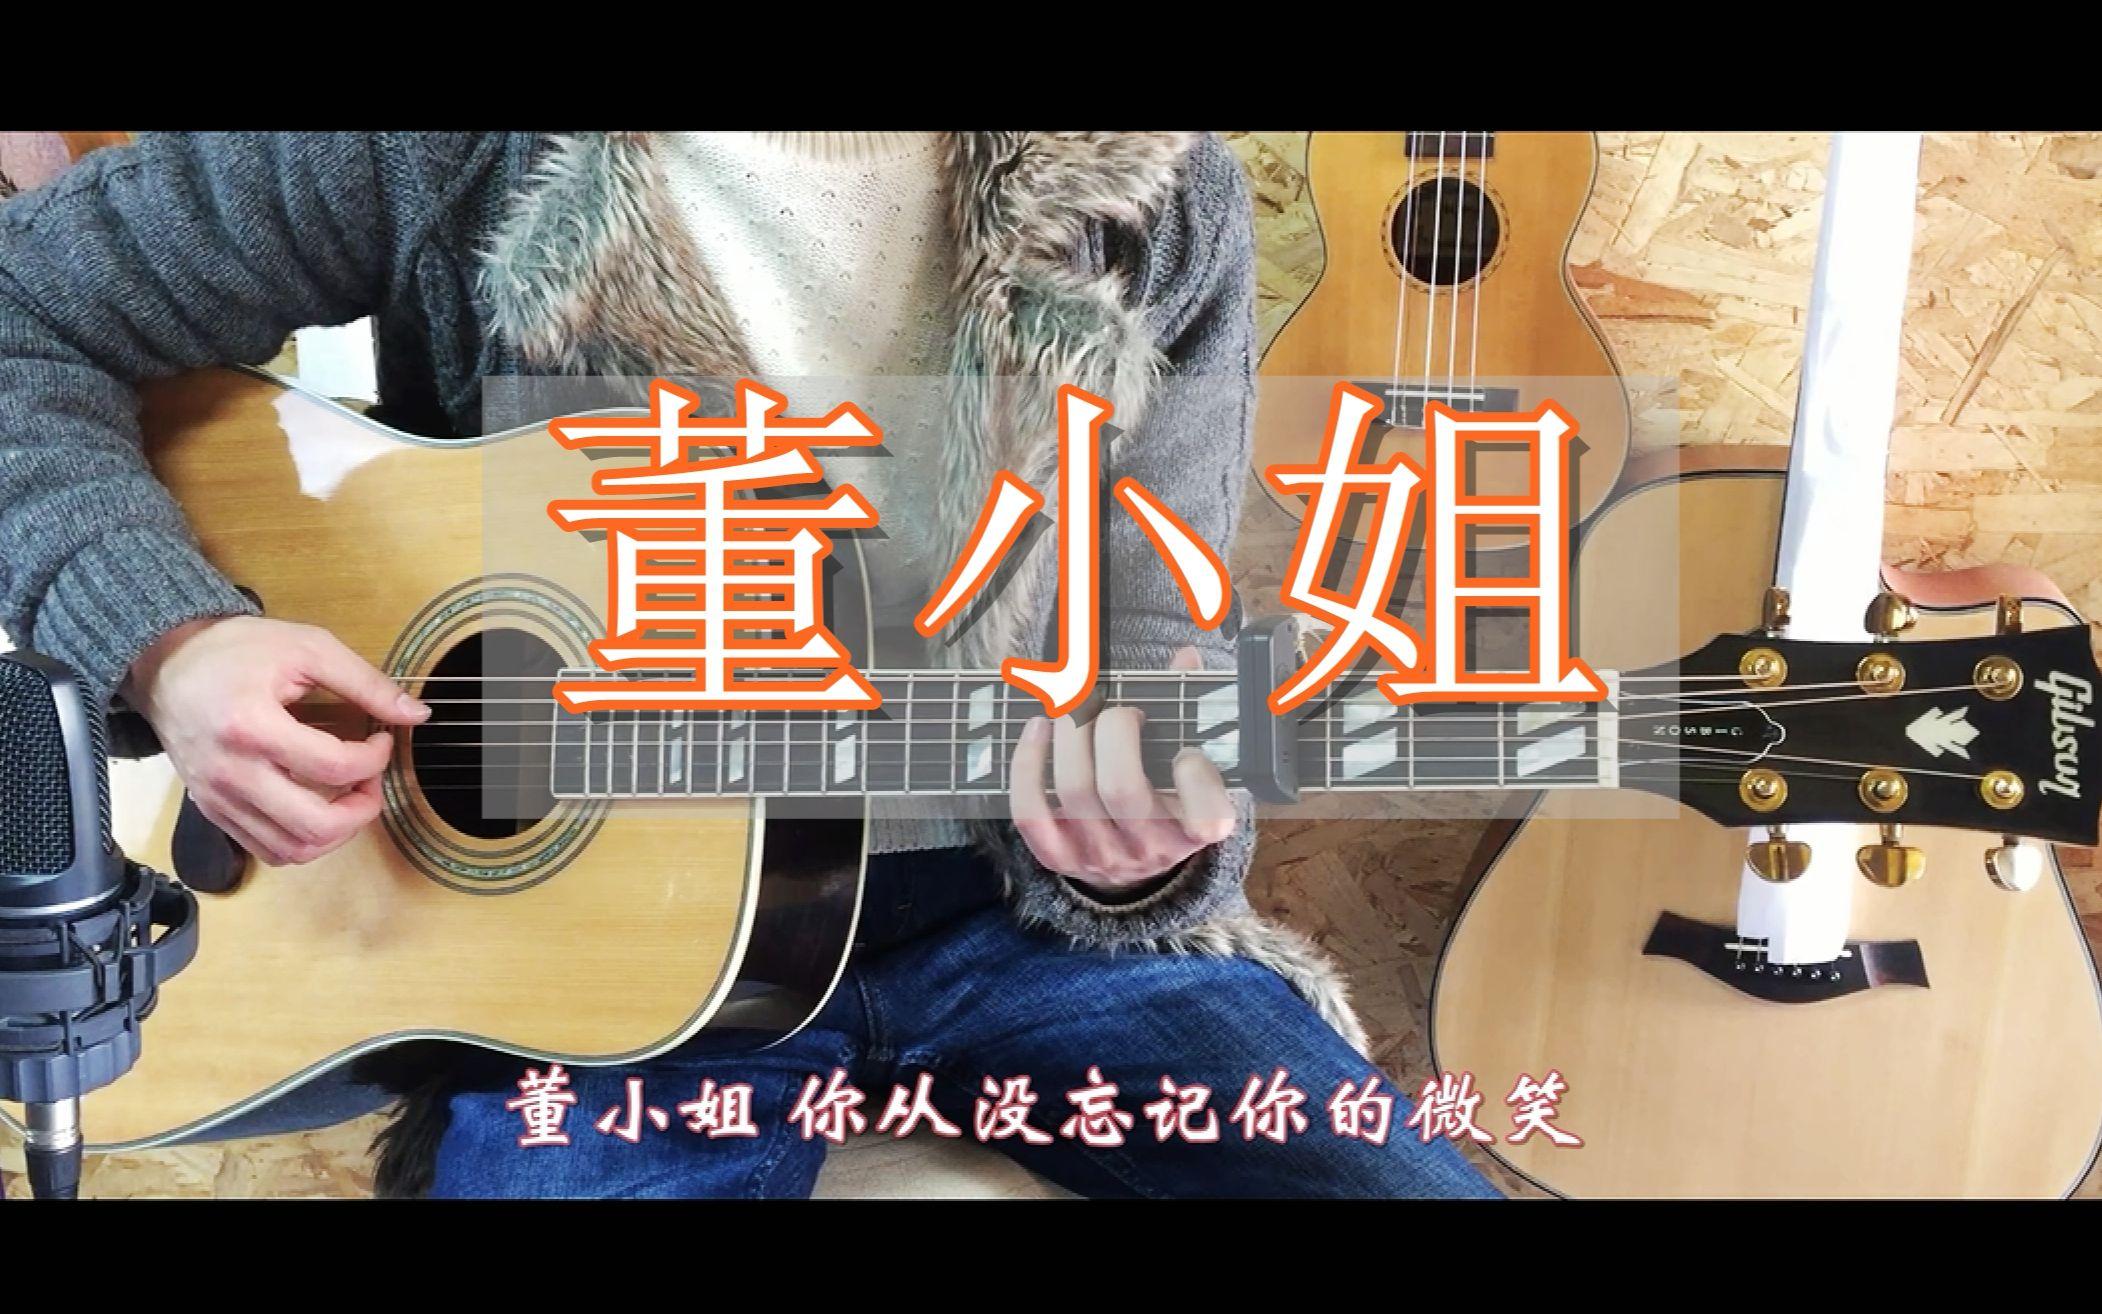 【初级歌曲篇】第③课 《董小姐》「简单版」弹唱教学(附谱)